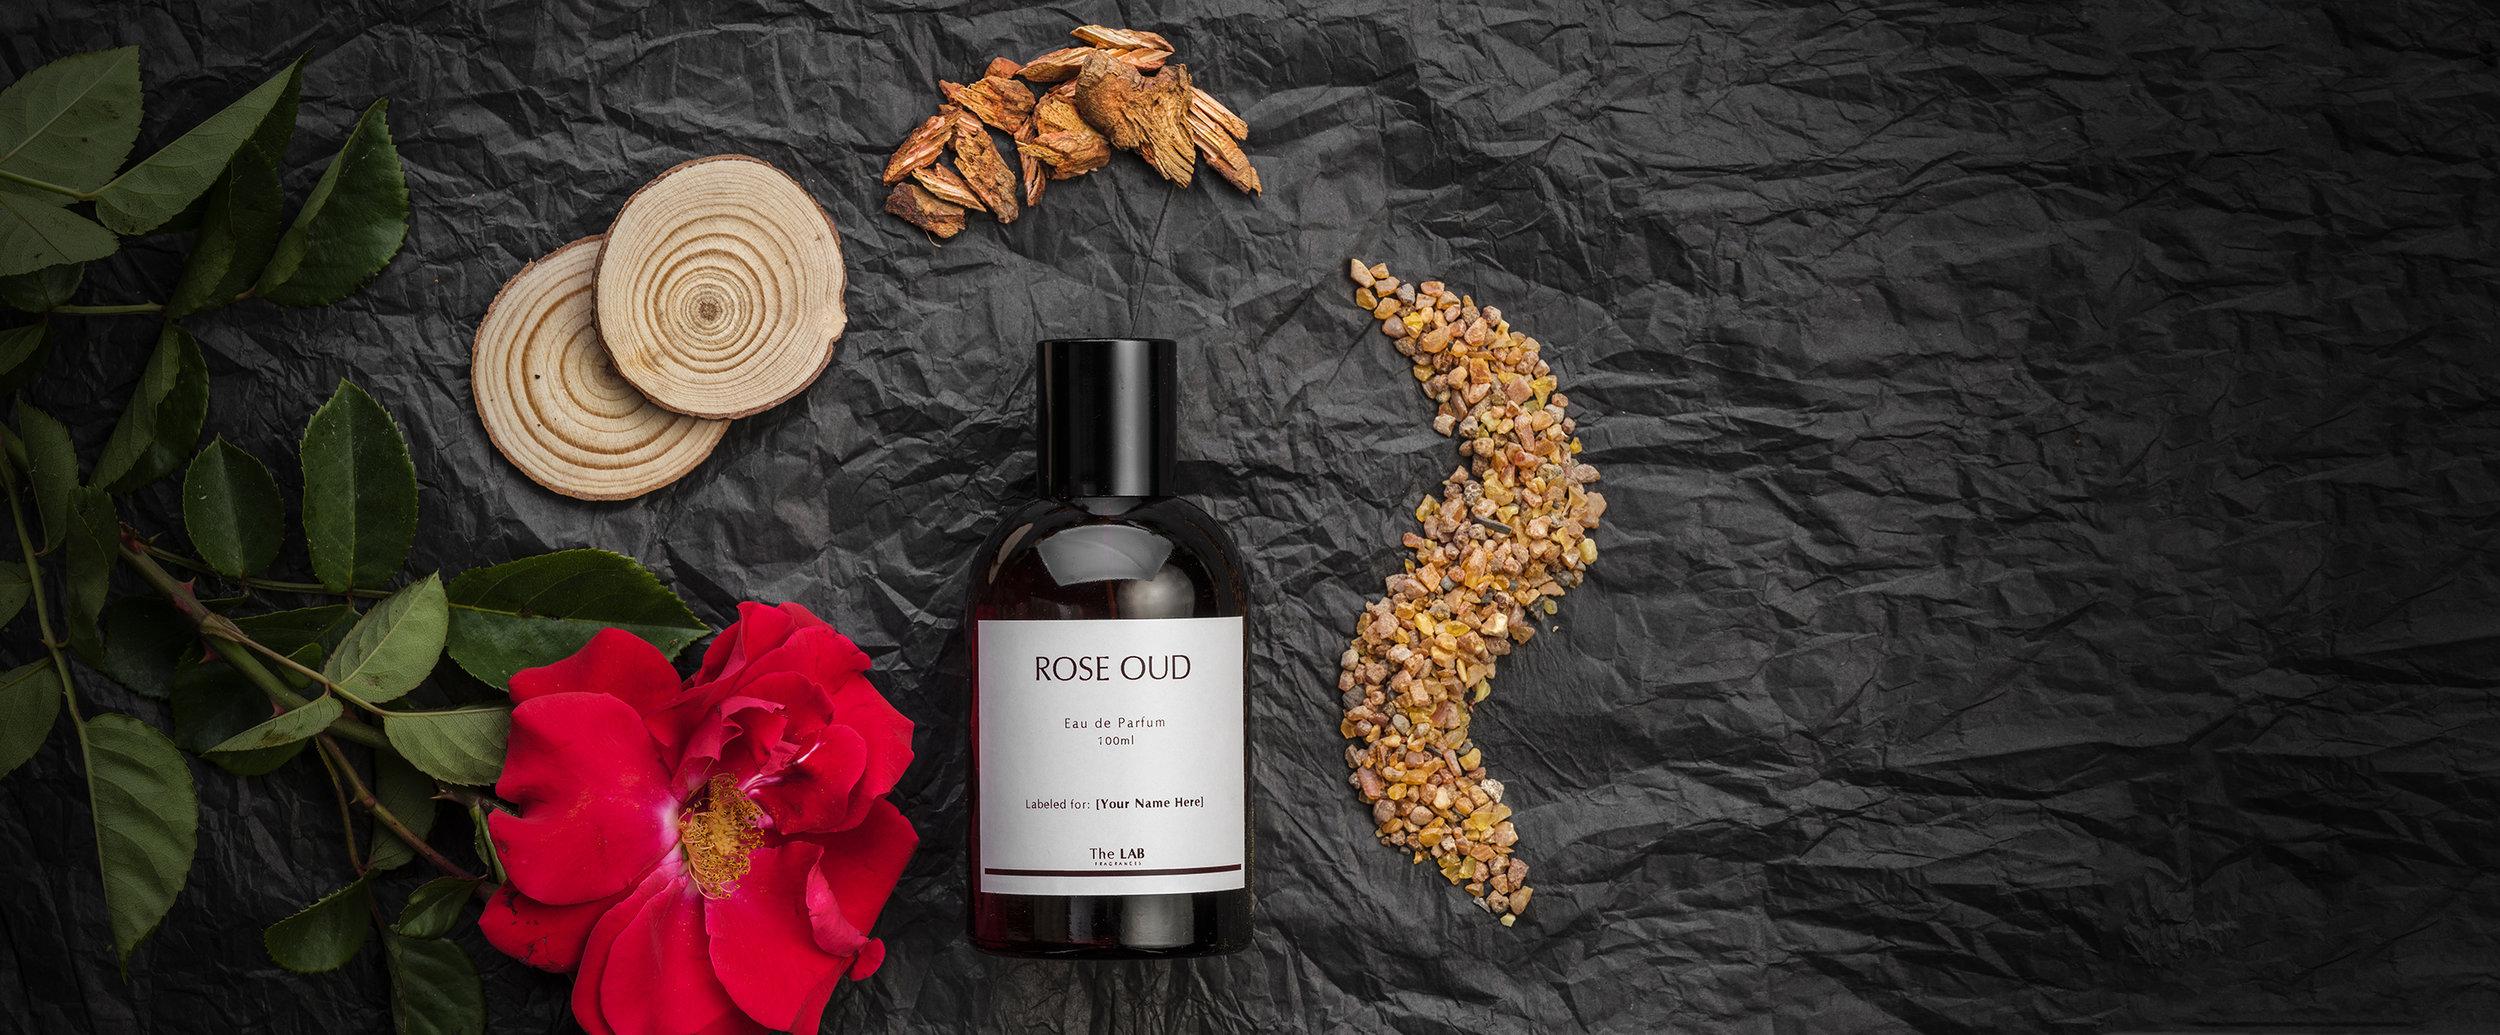 Rose Oud Perfume Ingredients Composition.jpg